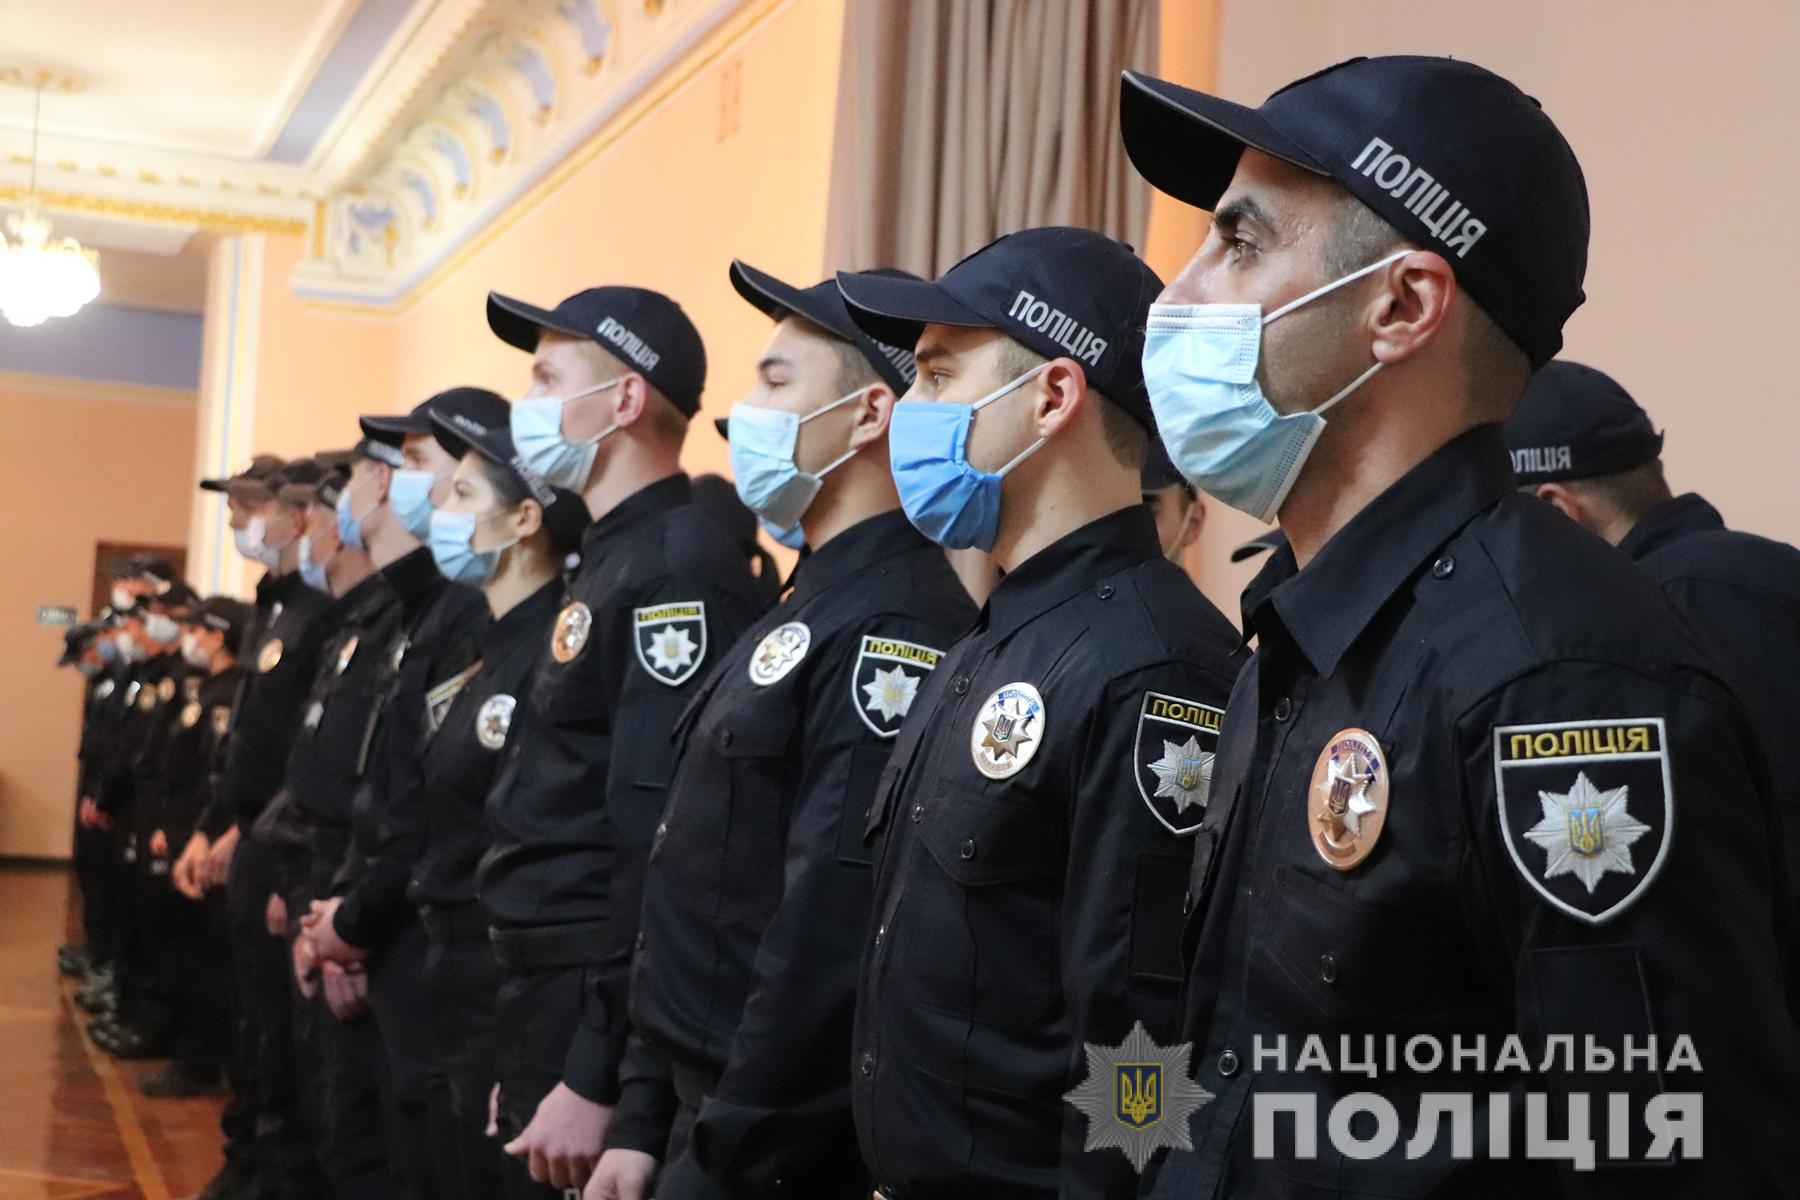 Подразделения харьковской полиции пополнились новыми кадрами (фото)